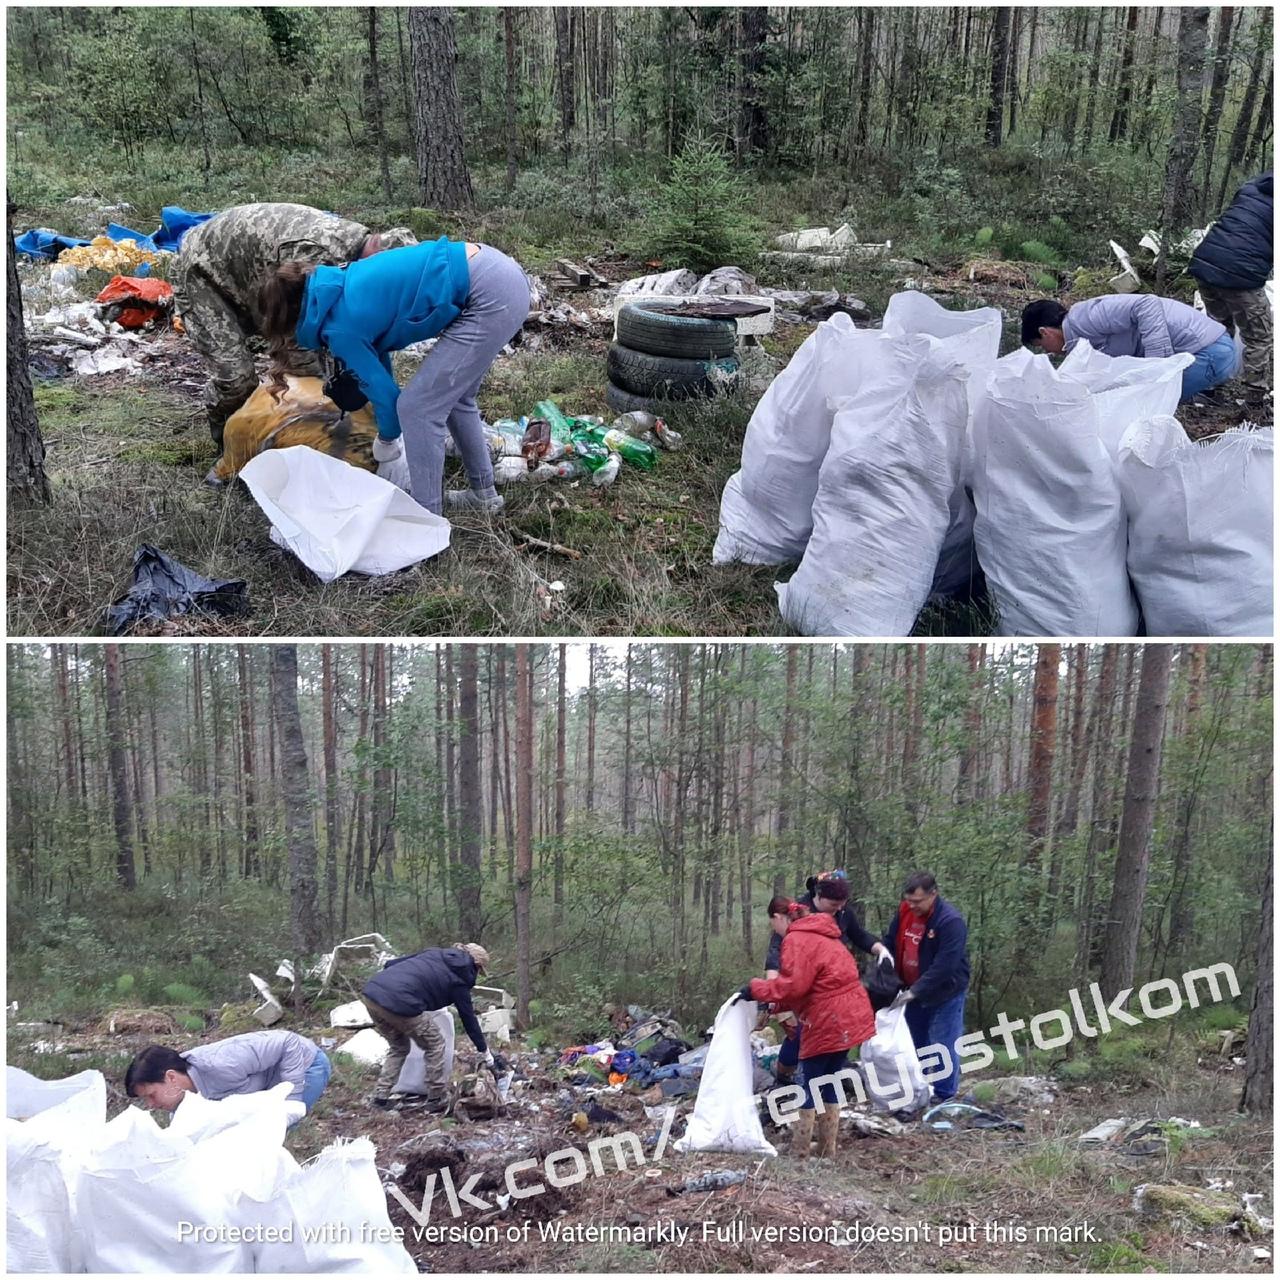 А вот ещё одна история из леса, который недалеко от Немятово